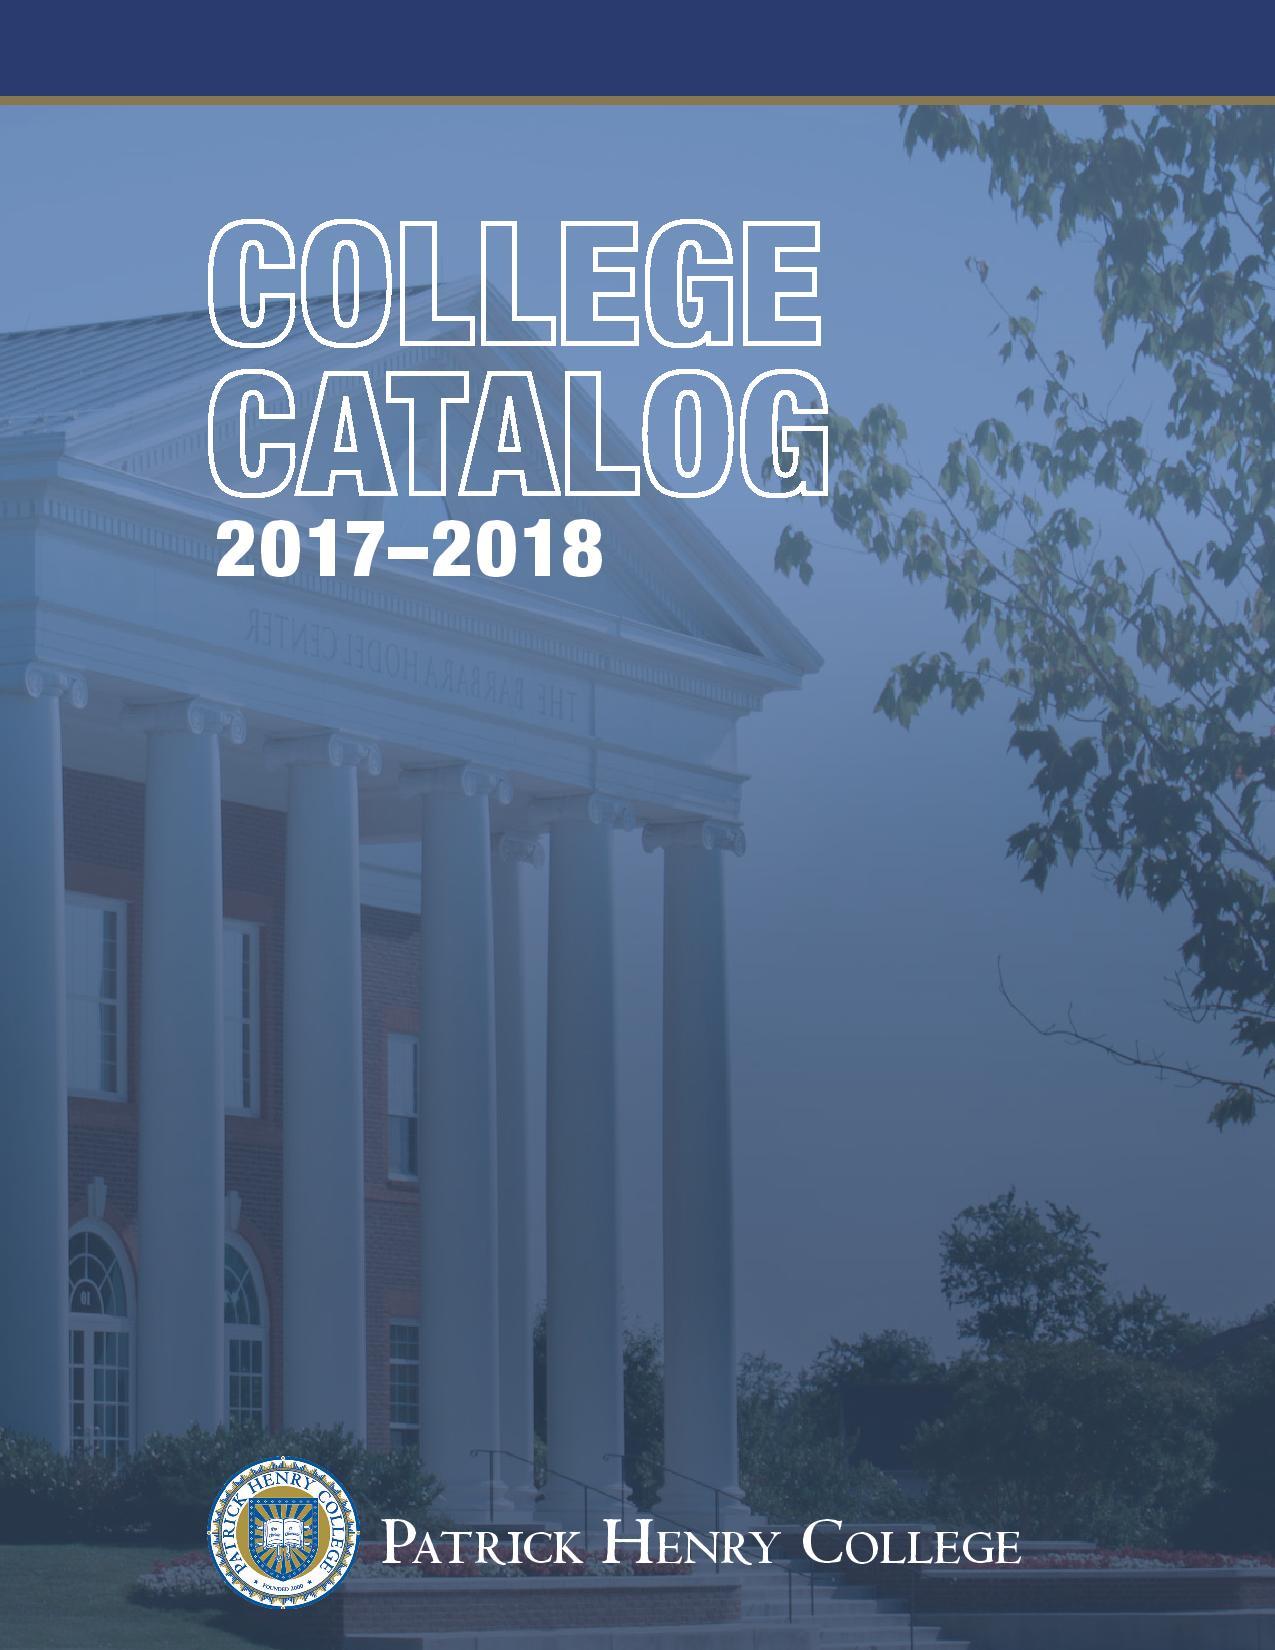 2017-2018 Catalog Cover